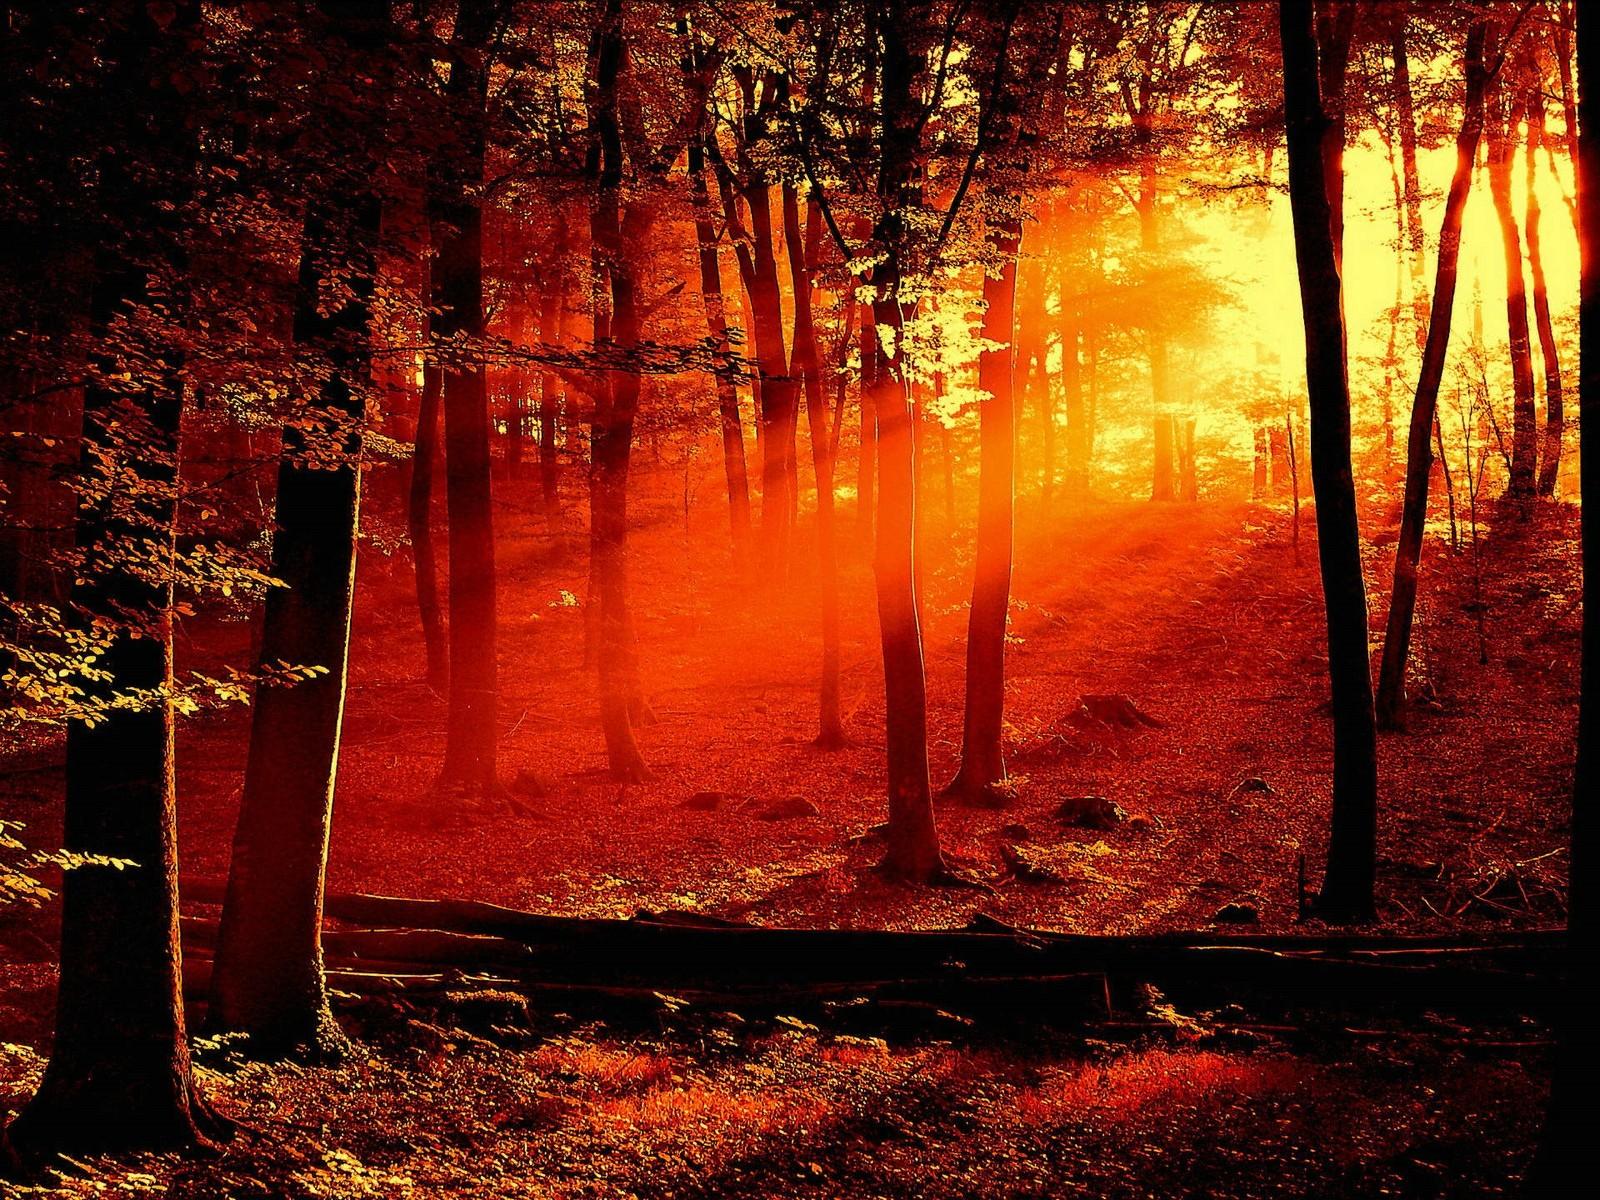 Desktop Wallpaper Sunset 1600x1200